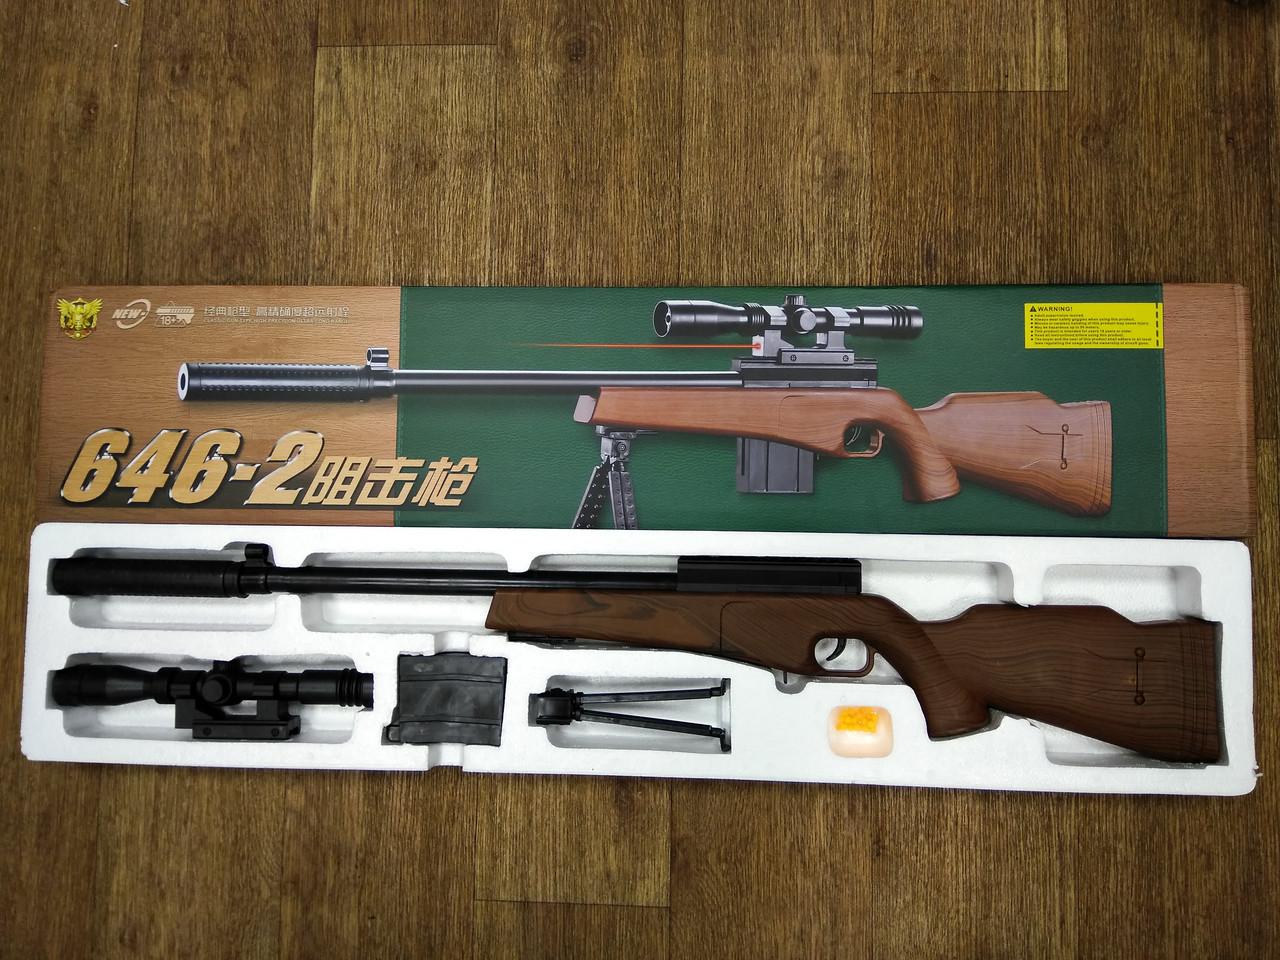 Детская снайперская пневматическая винтовка стреляет пластиковыми пульками 6 мм модель:NO.646-2 - фото 4